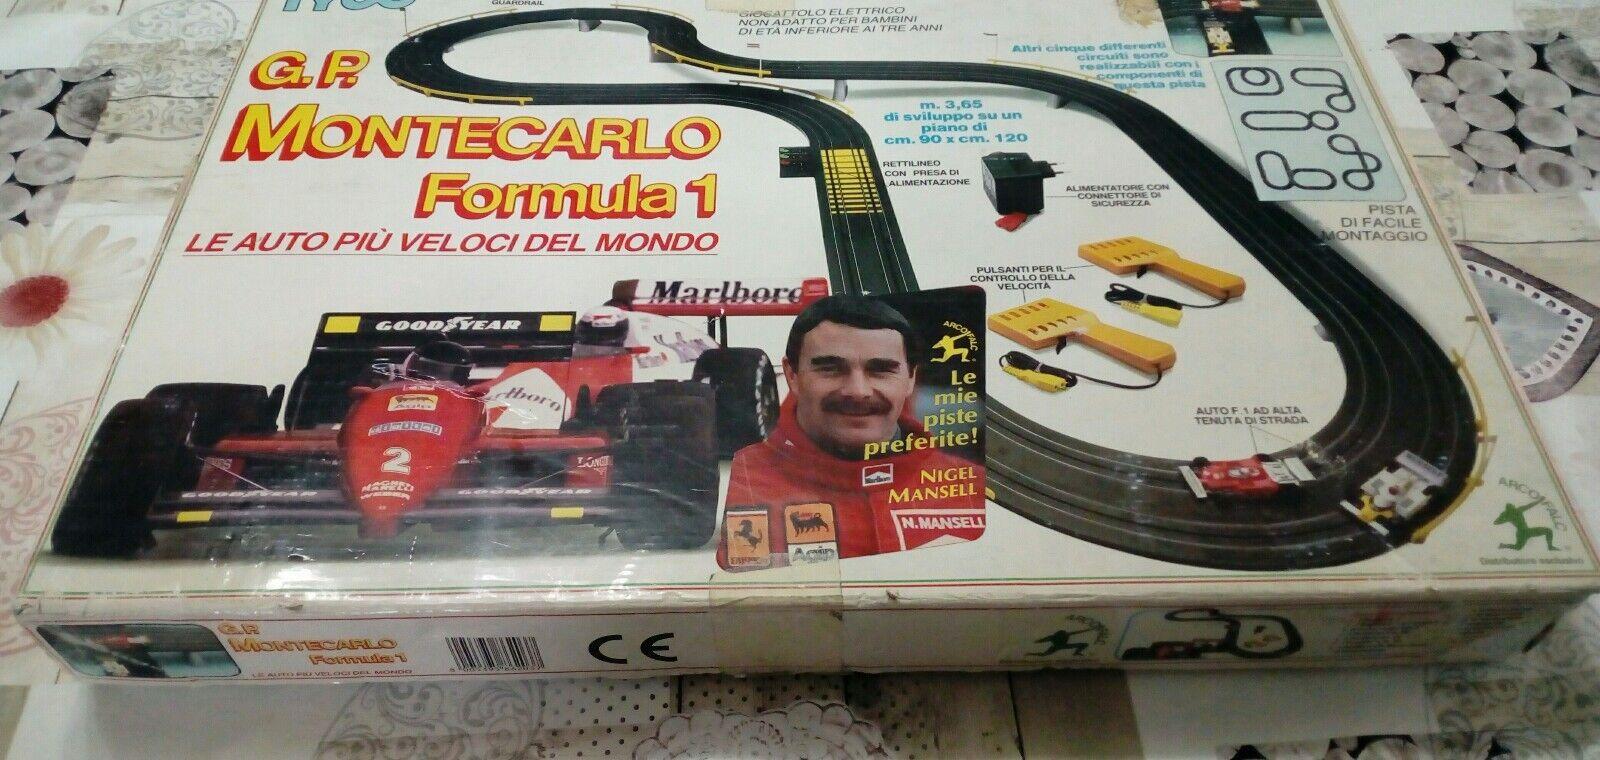 Pista elettrica Nigel Mansell TICO Arcofalc